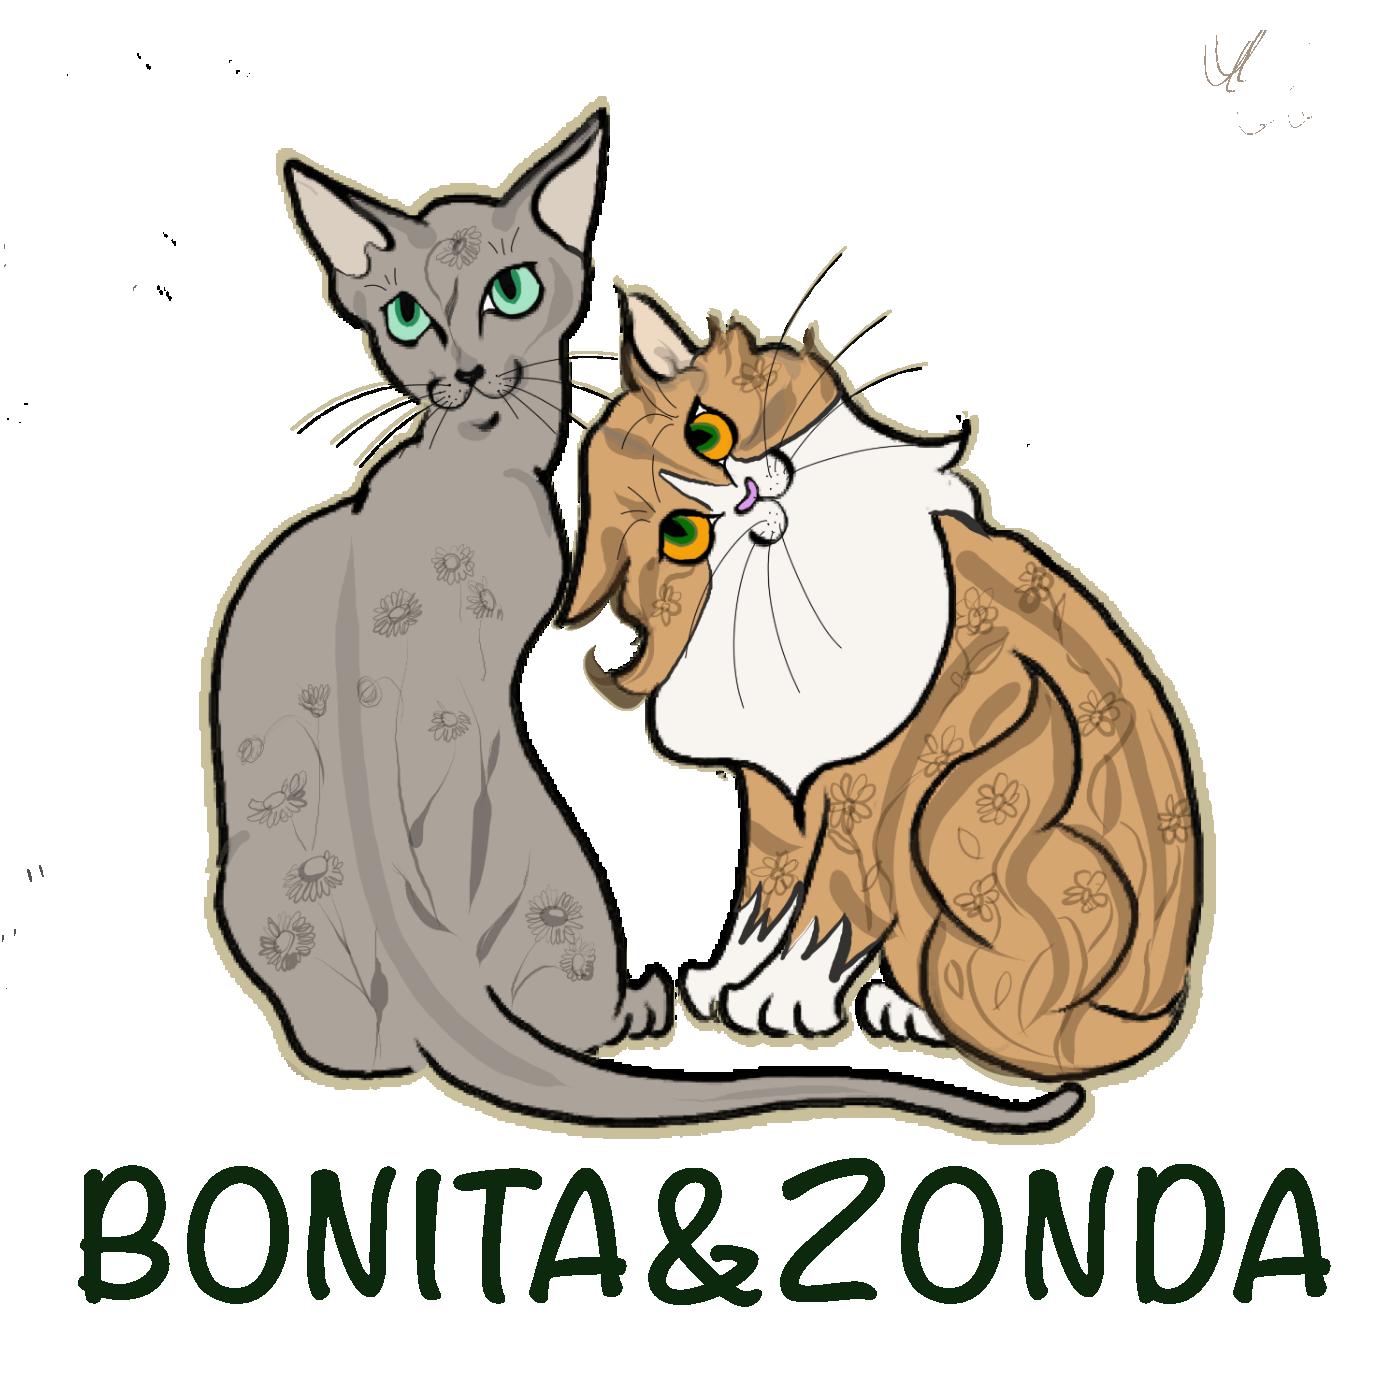 BONITA&ZONDA